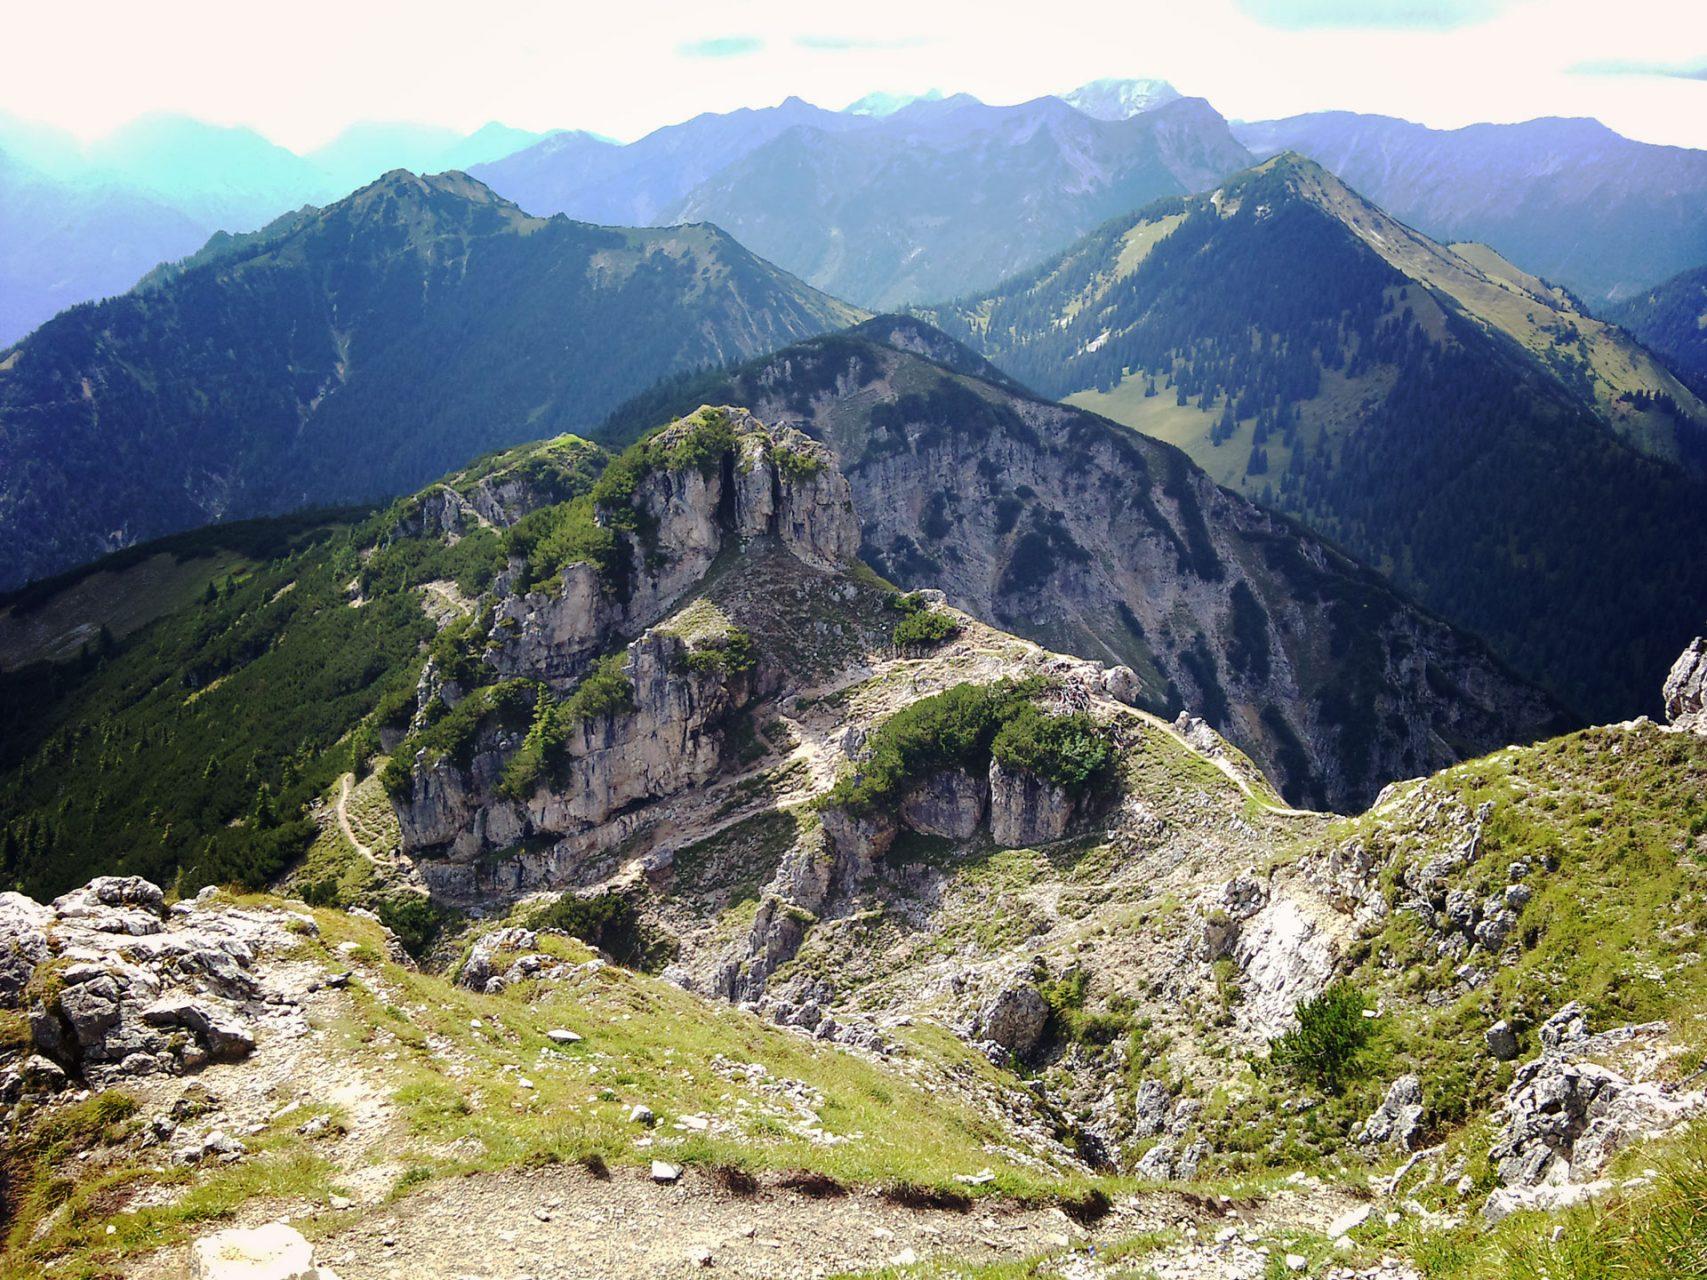 Der schmale Weg, der sich da so um die Felsen windet, das ist der Weg den wir gekommen waren. Und auf mein Bitten auch wieder zurück gingen.